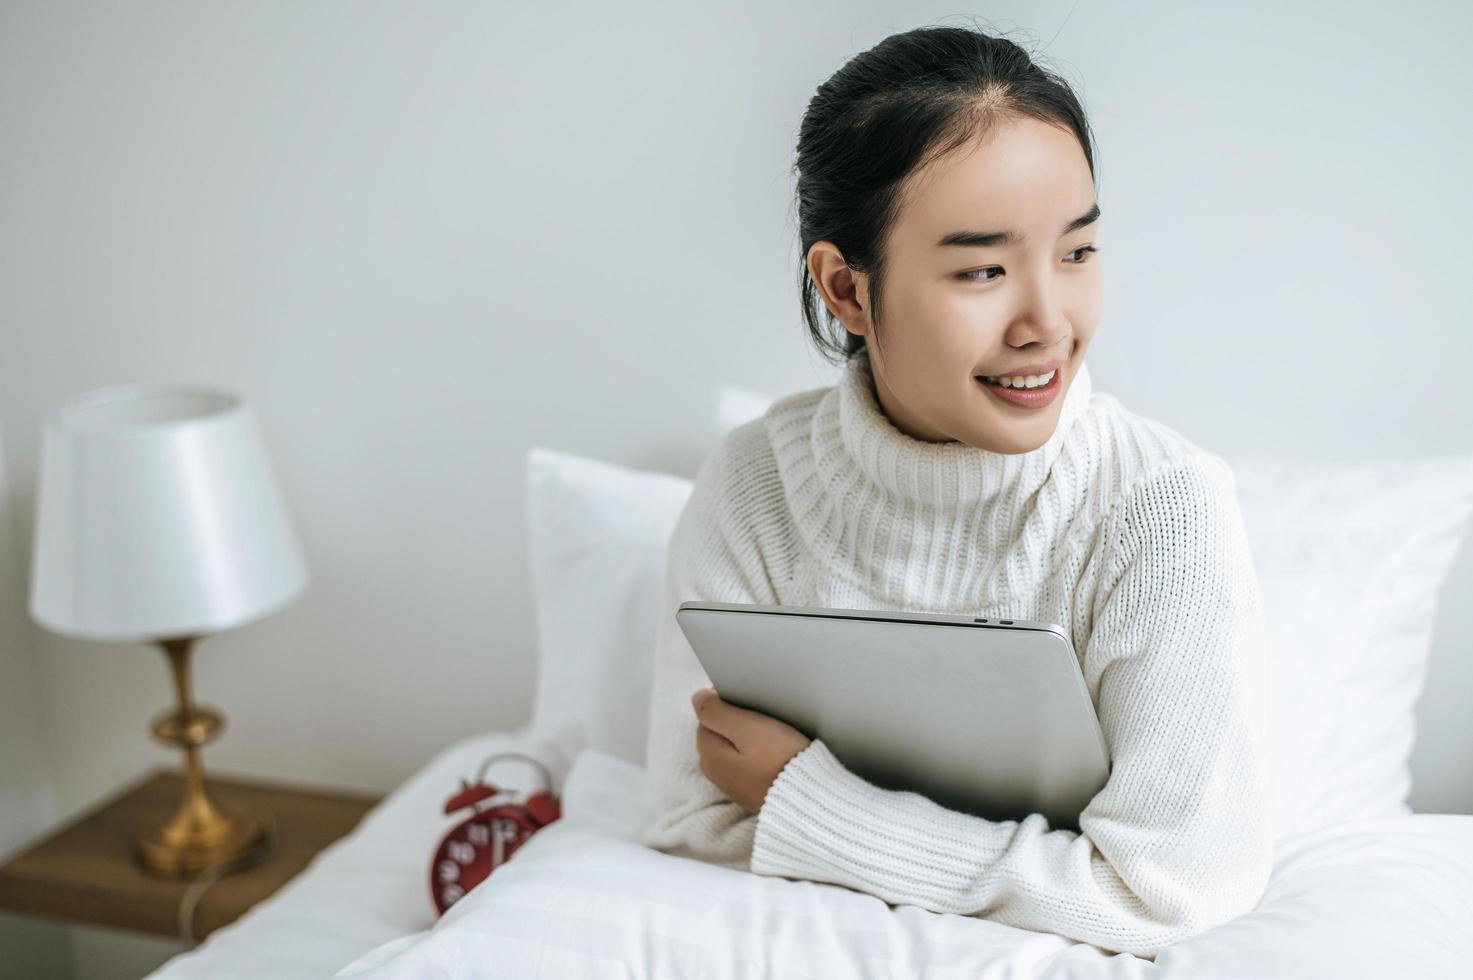 een jonge vrouw zittend op haar bed met een laptop foto